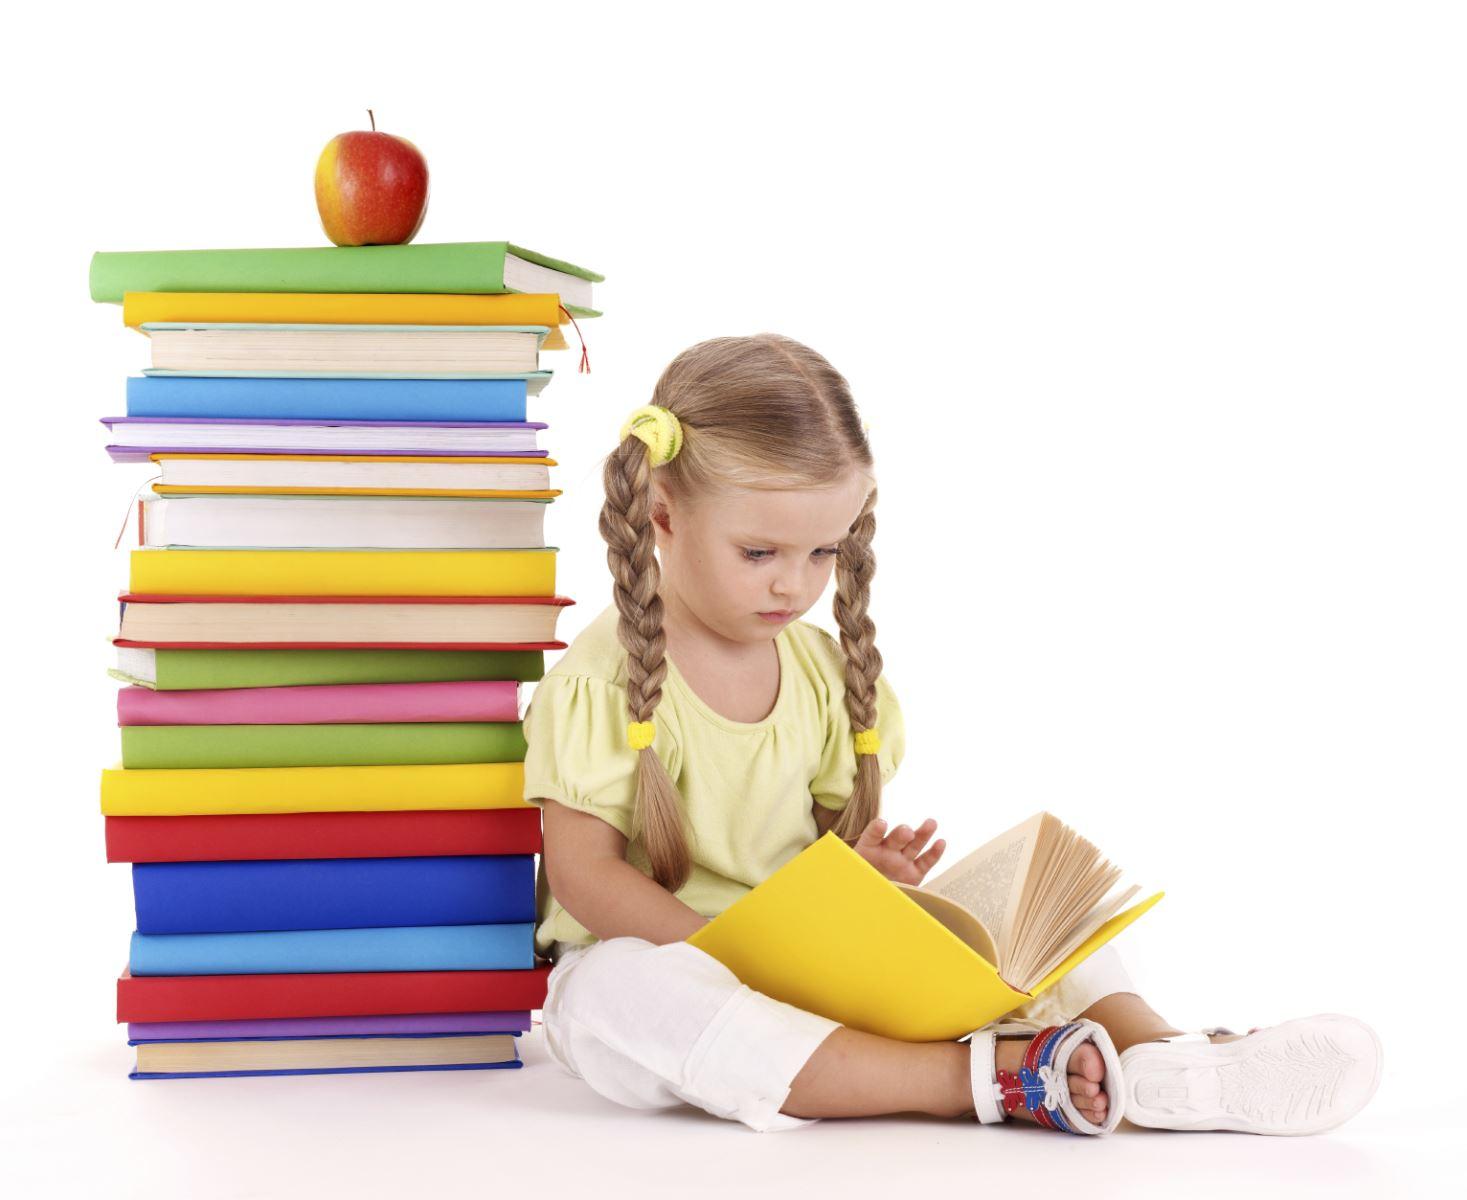 Sách giấy cần thiết cho sự phát triển trí não của trẻ.  Chuyển dịch: Nt. Teresa Ngọc Lễ, O.P